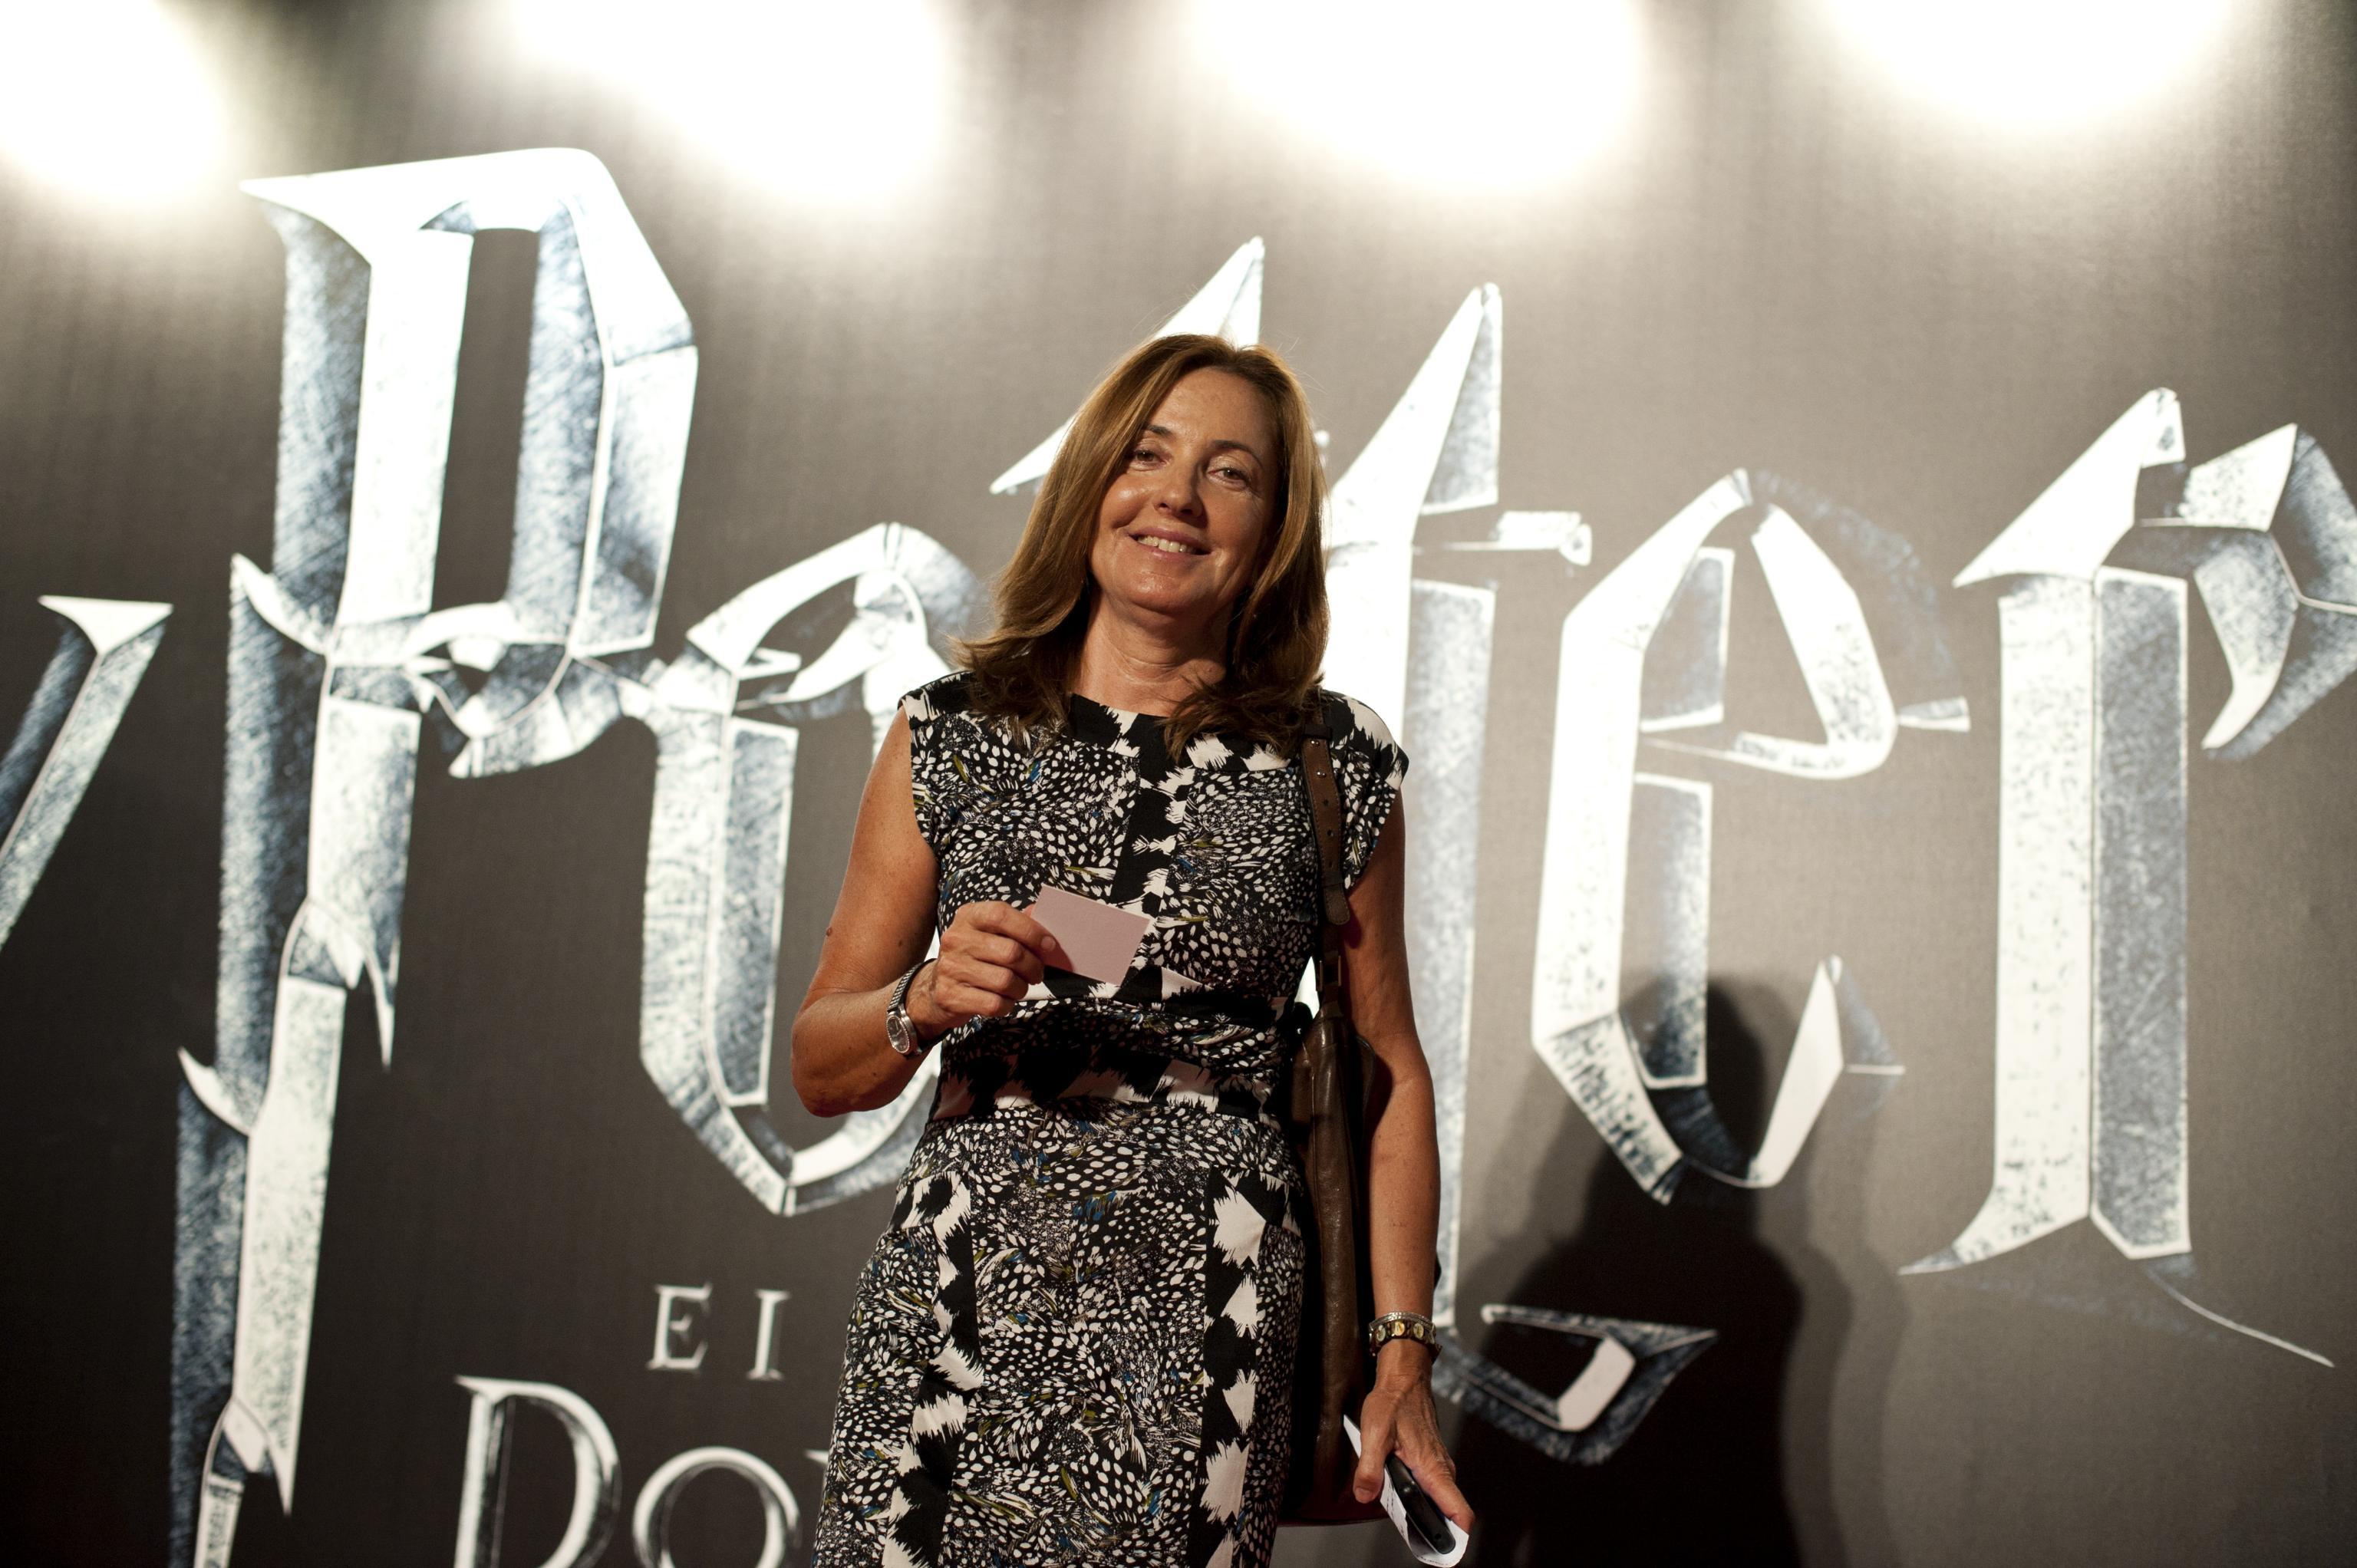 Barbara Palombelli ricorda l'avvocato Titta Madia a Forum: 'Era come un fratello'